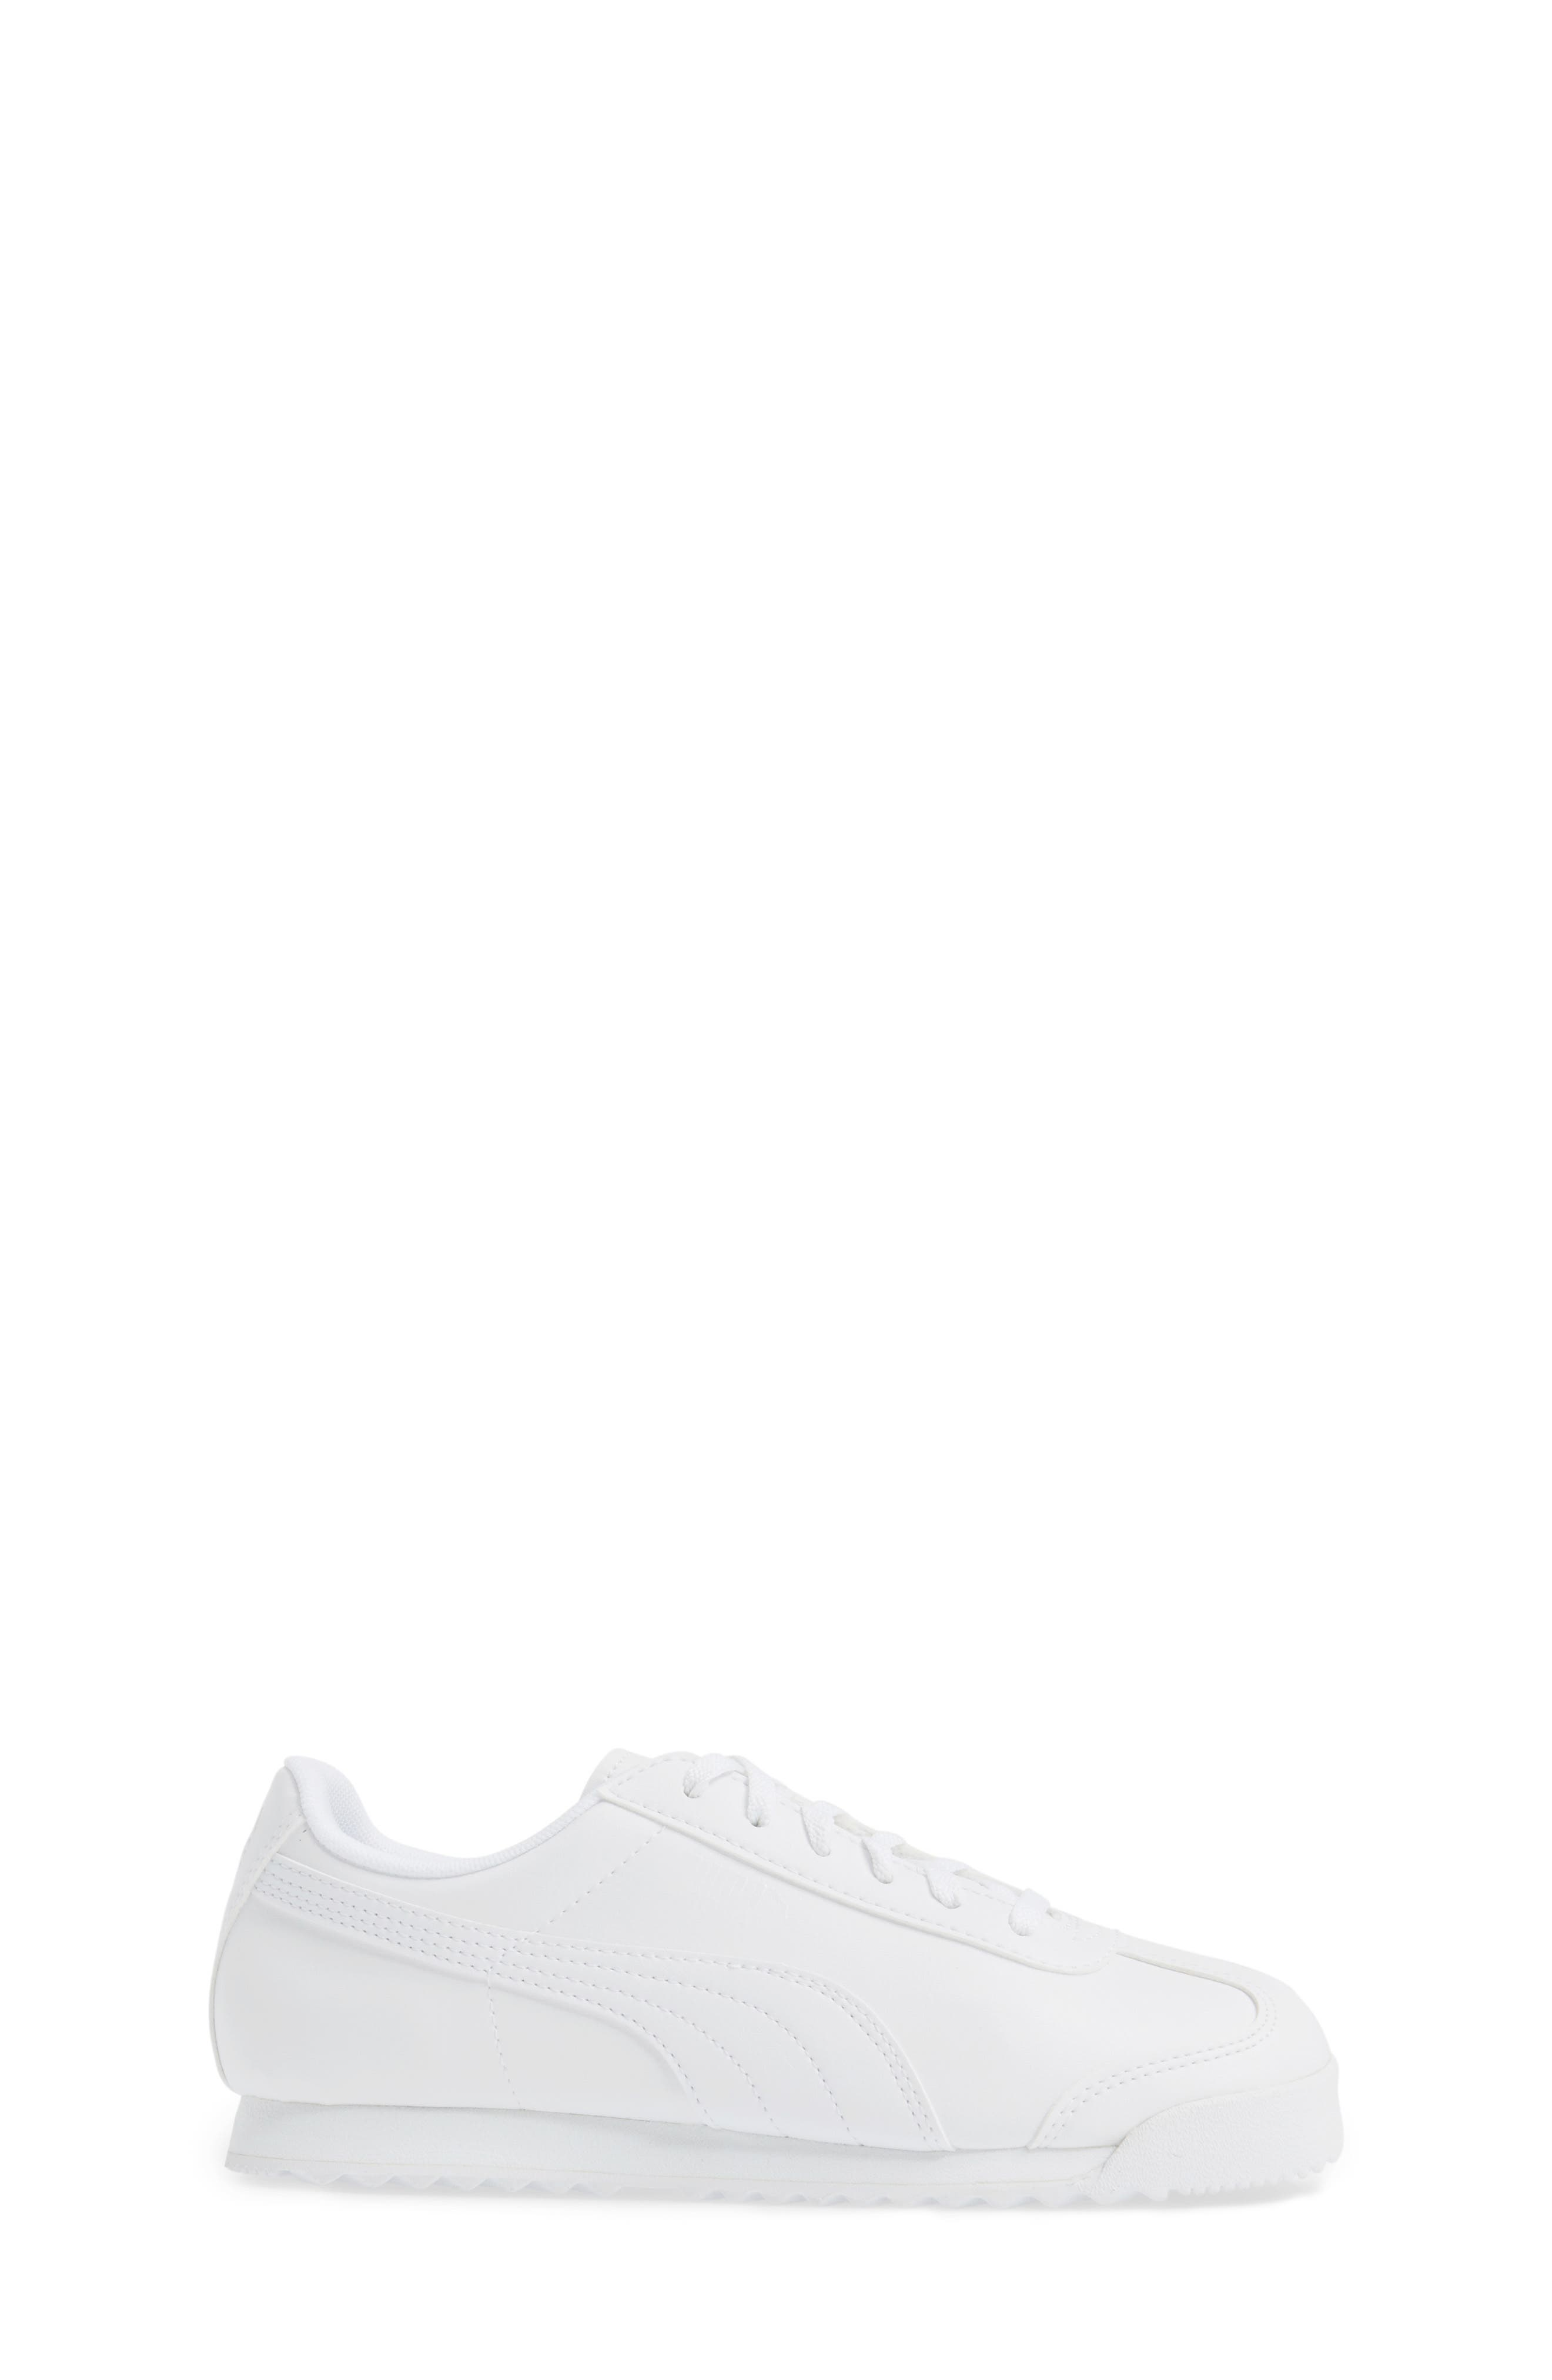 Roma Basic Sneaker,                             Alternate thumbnail 3, color,                             White/ Light Grey